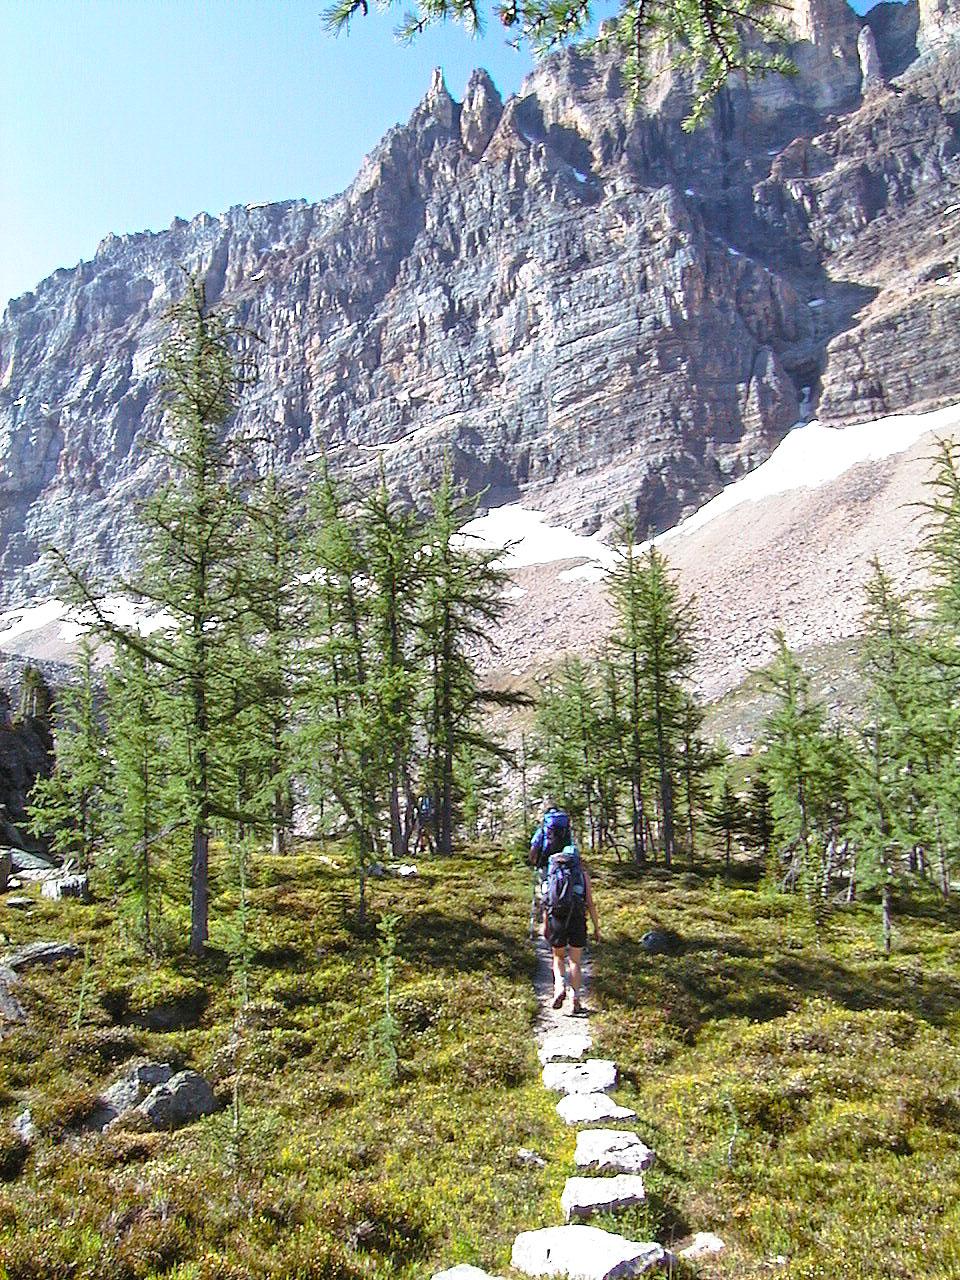 MtYukness 8611 - Mount Yukness